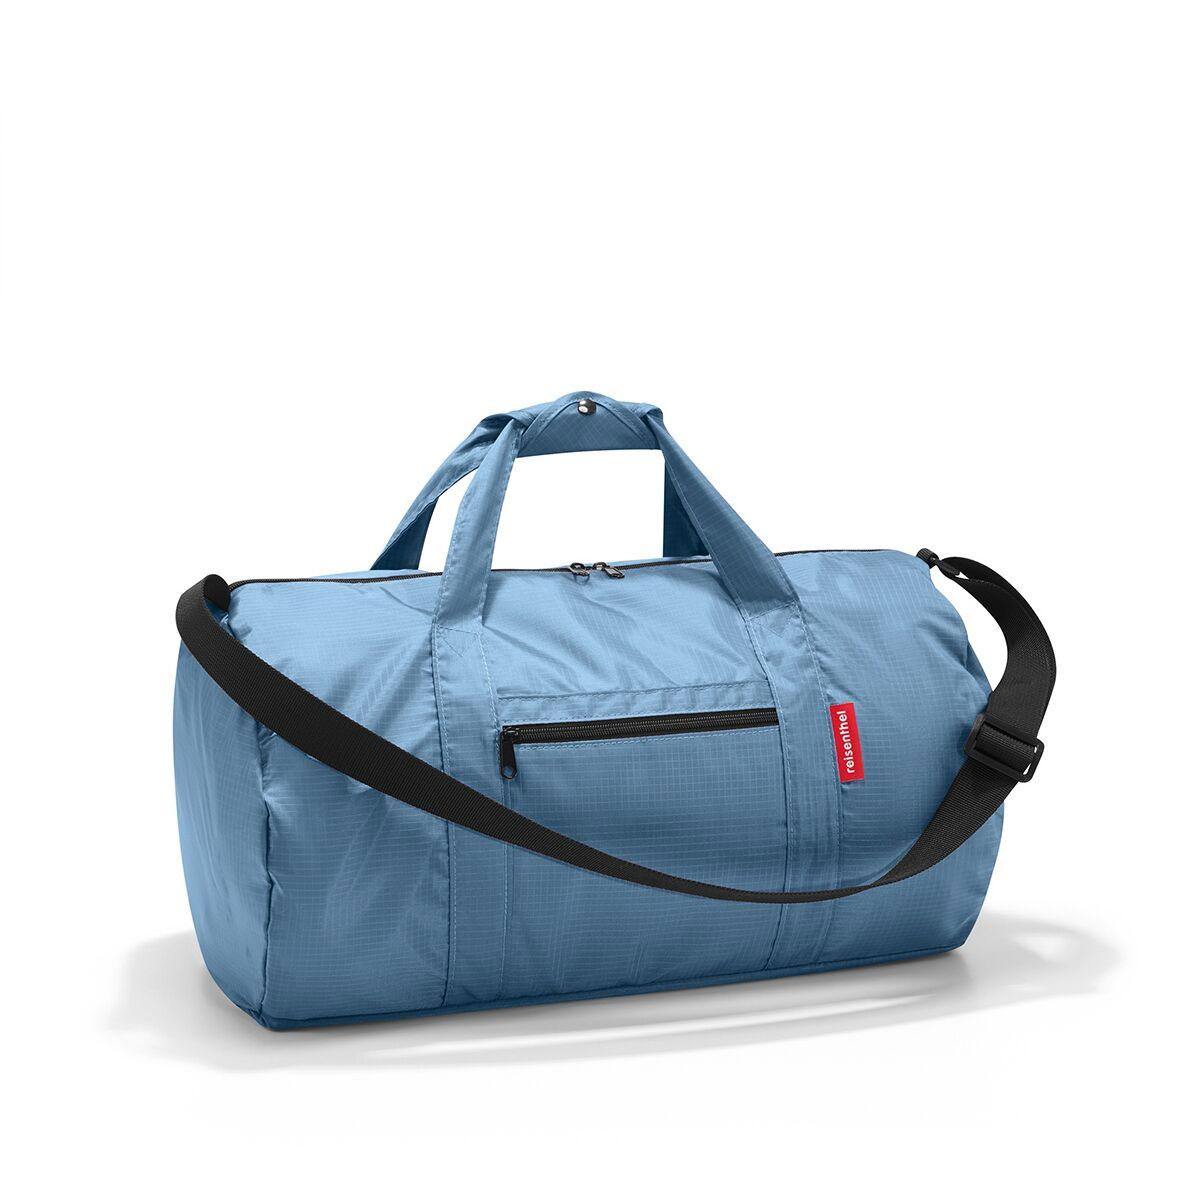 Сумка спортивная женская Reisenthel, цвет: синий. AM4008AM4008Универсальная сумка-трансформер серии Mini Maxi, предназначенная для путешествий и спорта. Подходит для хранения, компактно складывается в собственный внутренний карман. У модели вместительное основное отделение на молнии, экономит место при хранении и перевозке в сложенном состоянии, регулируемый наплечный ремень, ручки для переноски, регулируемые при помощи специальных застежек, два внешних кармана на молнии, материал: высококачественный водостойкий полиэстер, объем - 20 литров.